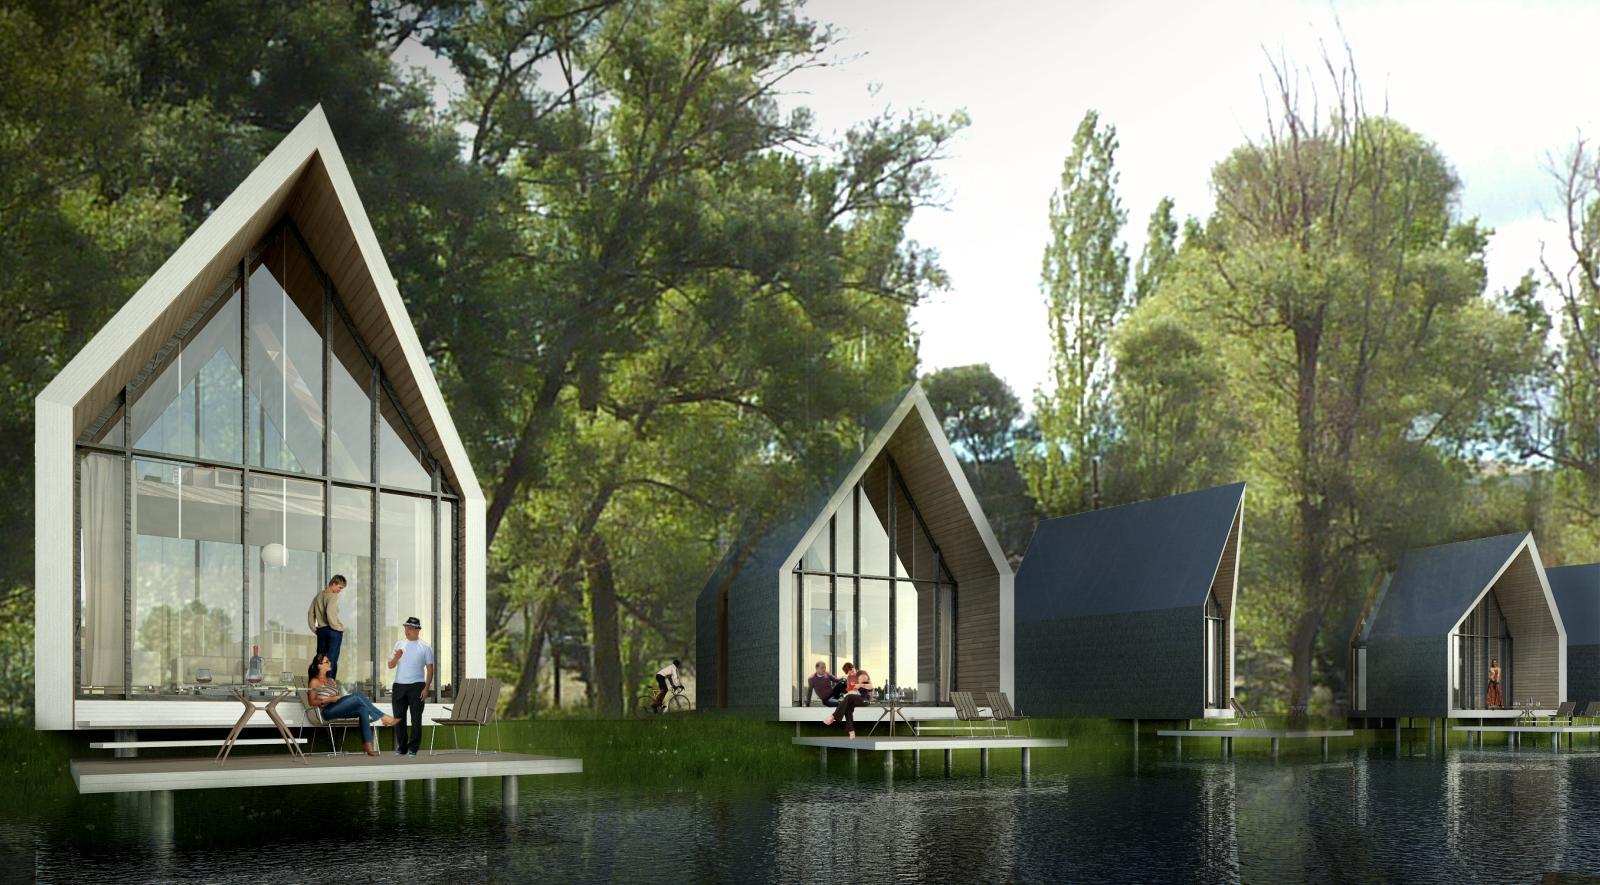 LOSEV Natural Life Center